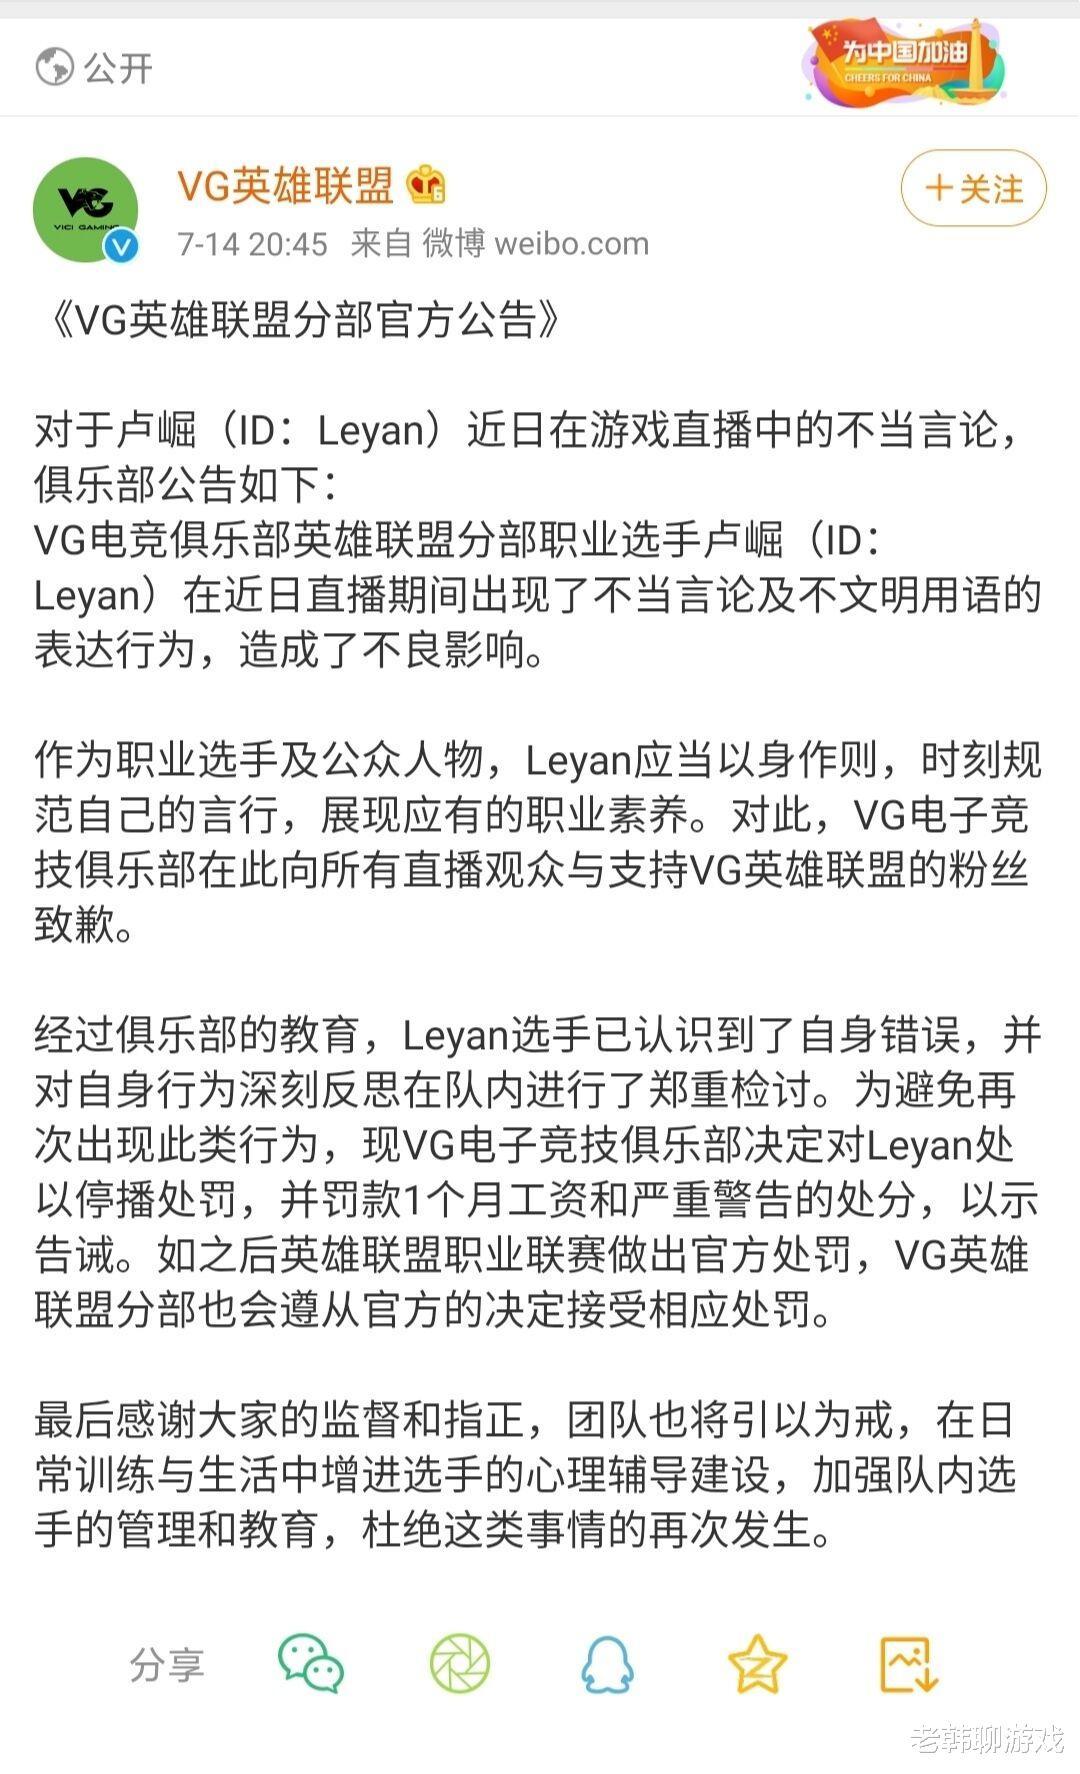 《【煜星娱乐主管】乐言事件2.0,VG官方出面,乐言受到惩罚,只为直播言论道歉?》